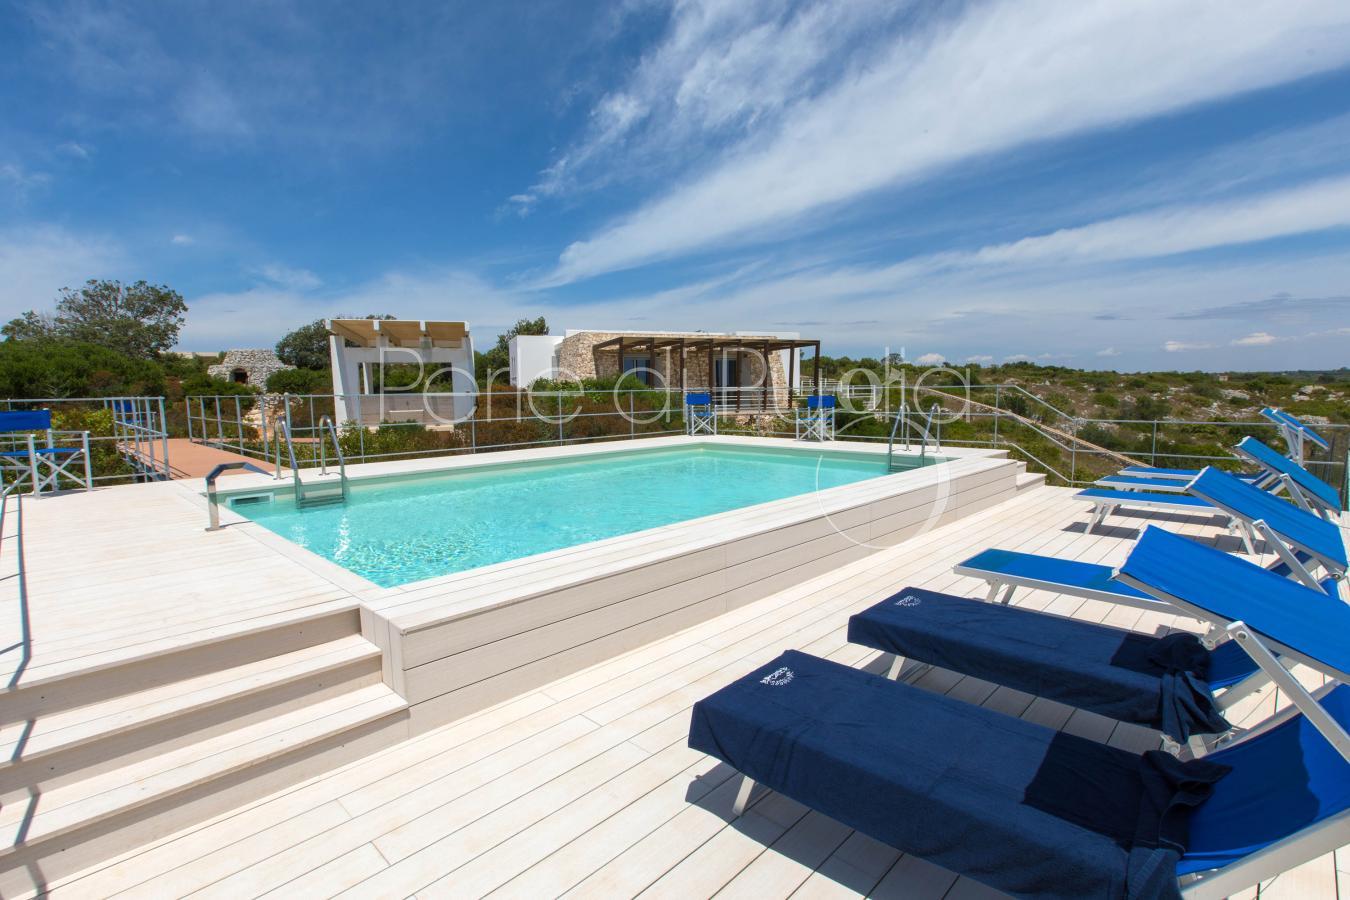 villas de luxe - Pescoluse ( Leuca ) - FLV - Villa Itaca